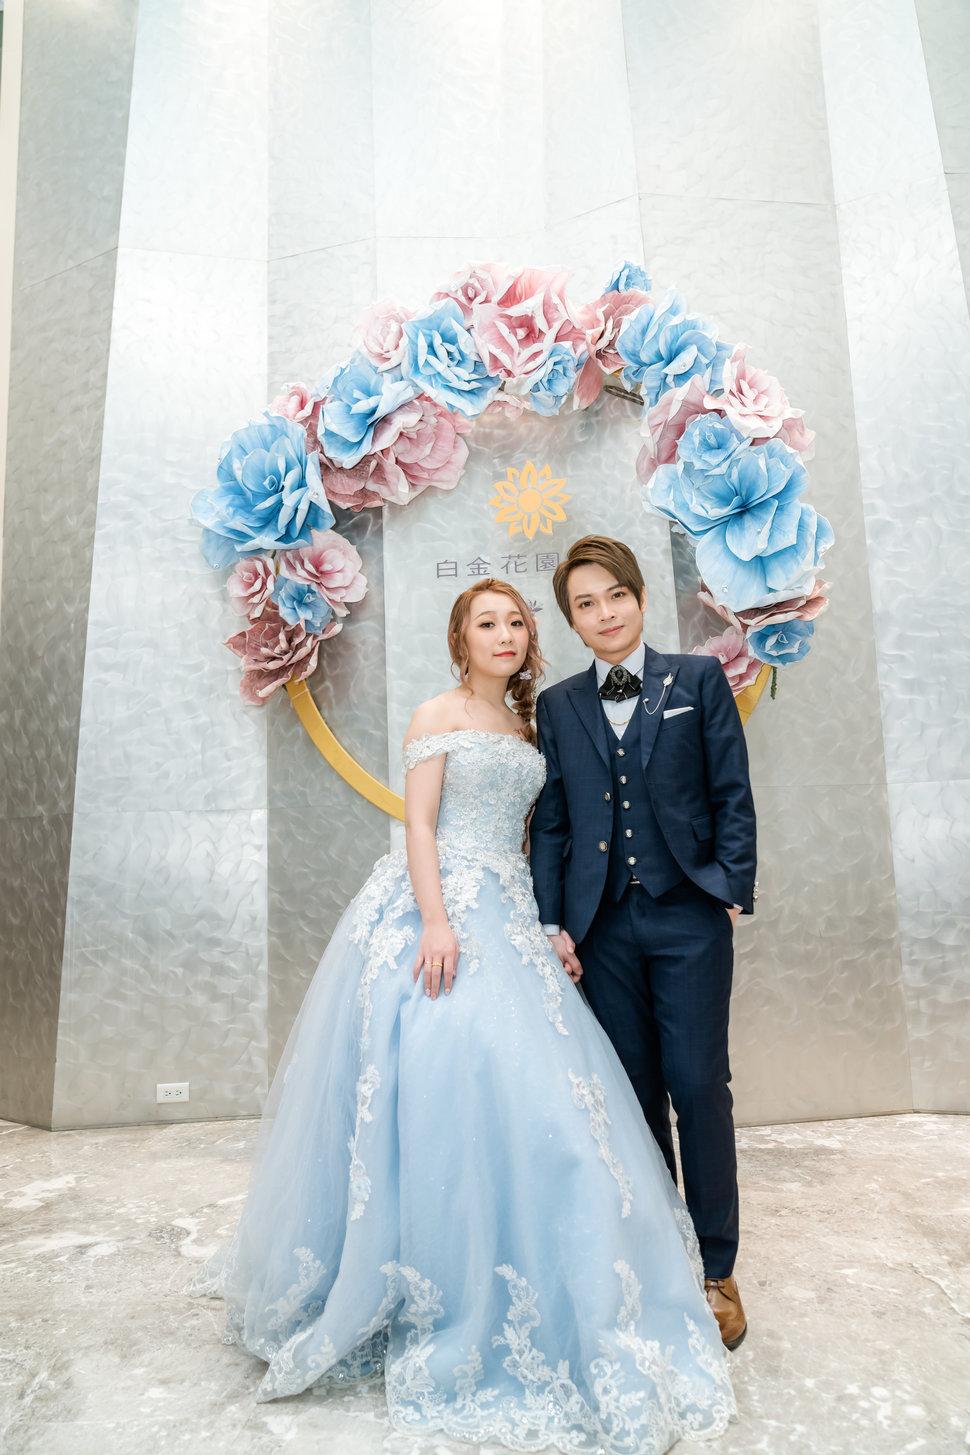 P1_02491 - Promaker婚禮紀錄攝影團隊婚攝豪哥《結婚吧》